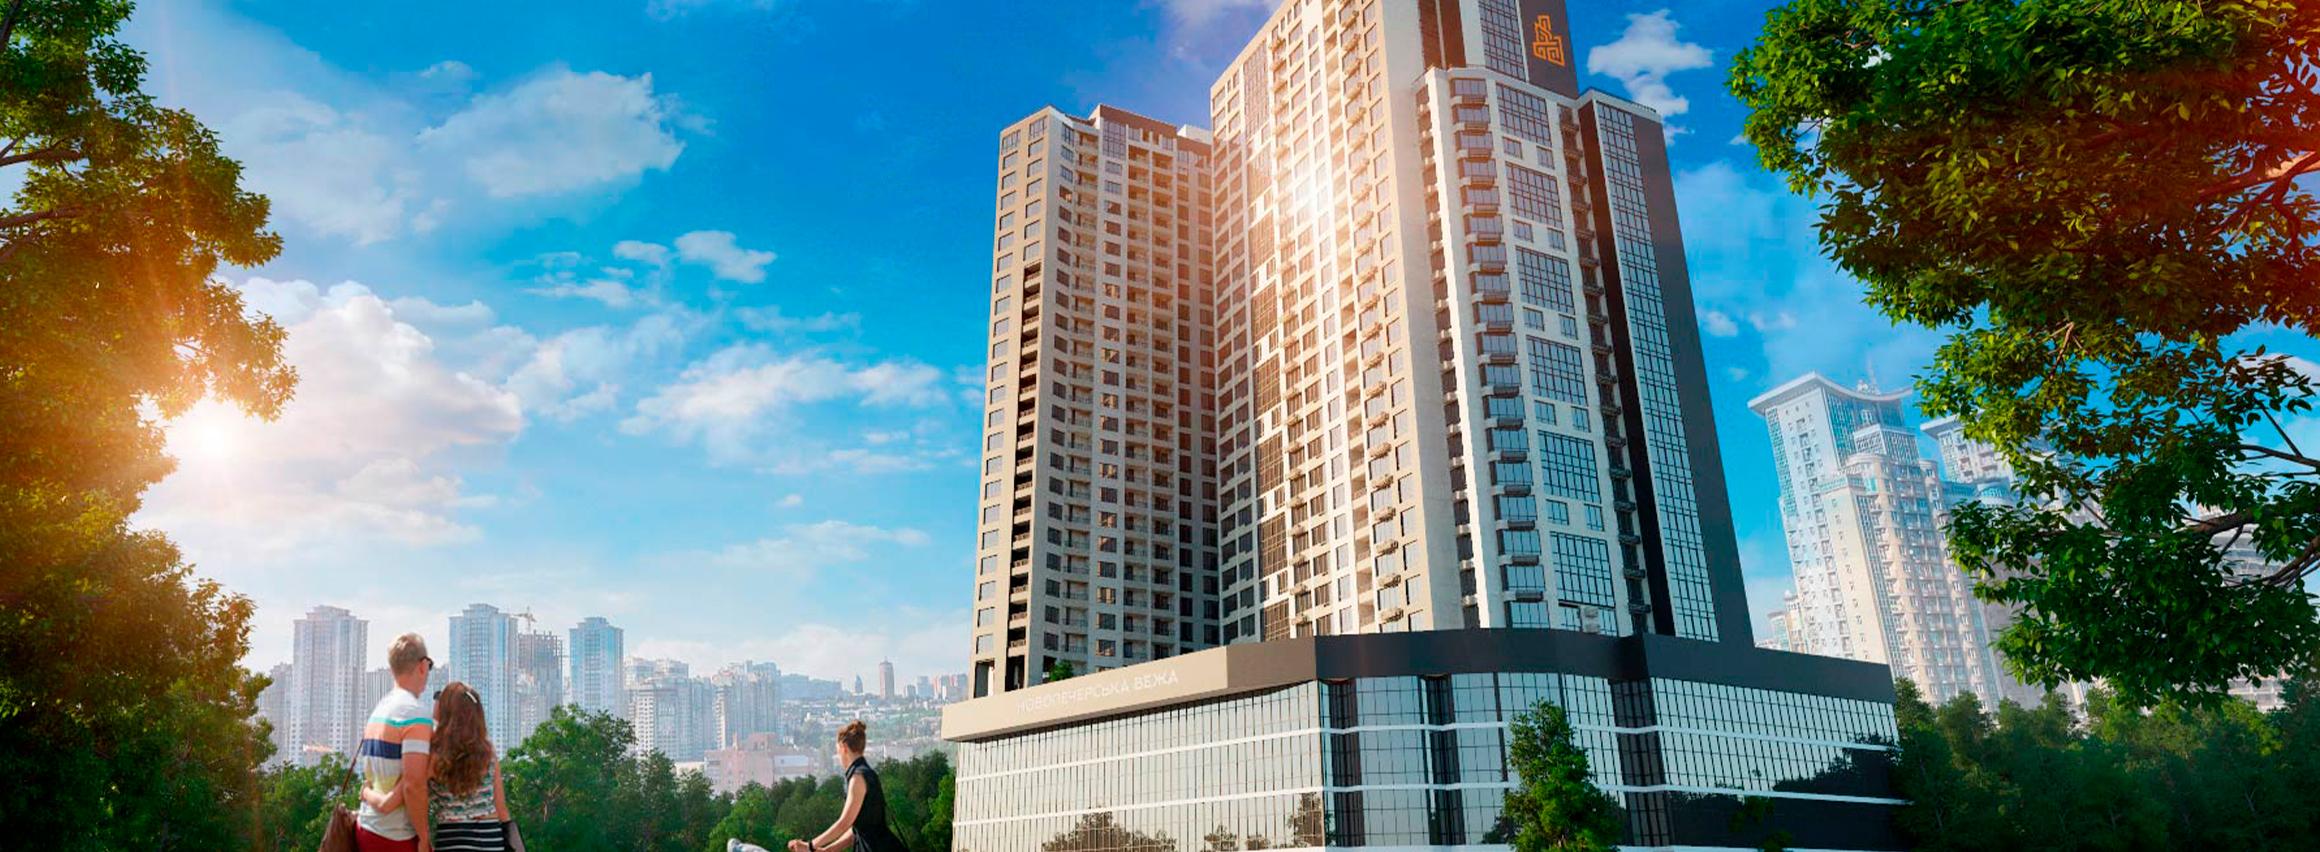 Акционная рассрочка на квартиры в готовом ЖК «Новопечерские Башня» с 1-м взносом от 30% Покупай и заселяйся